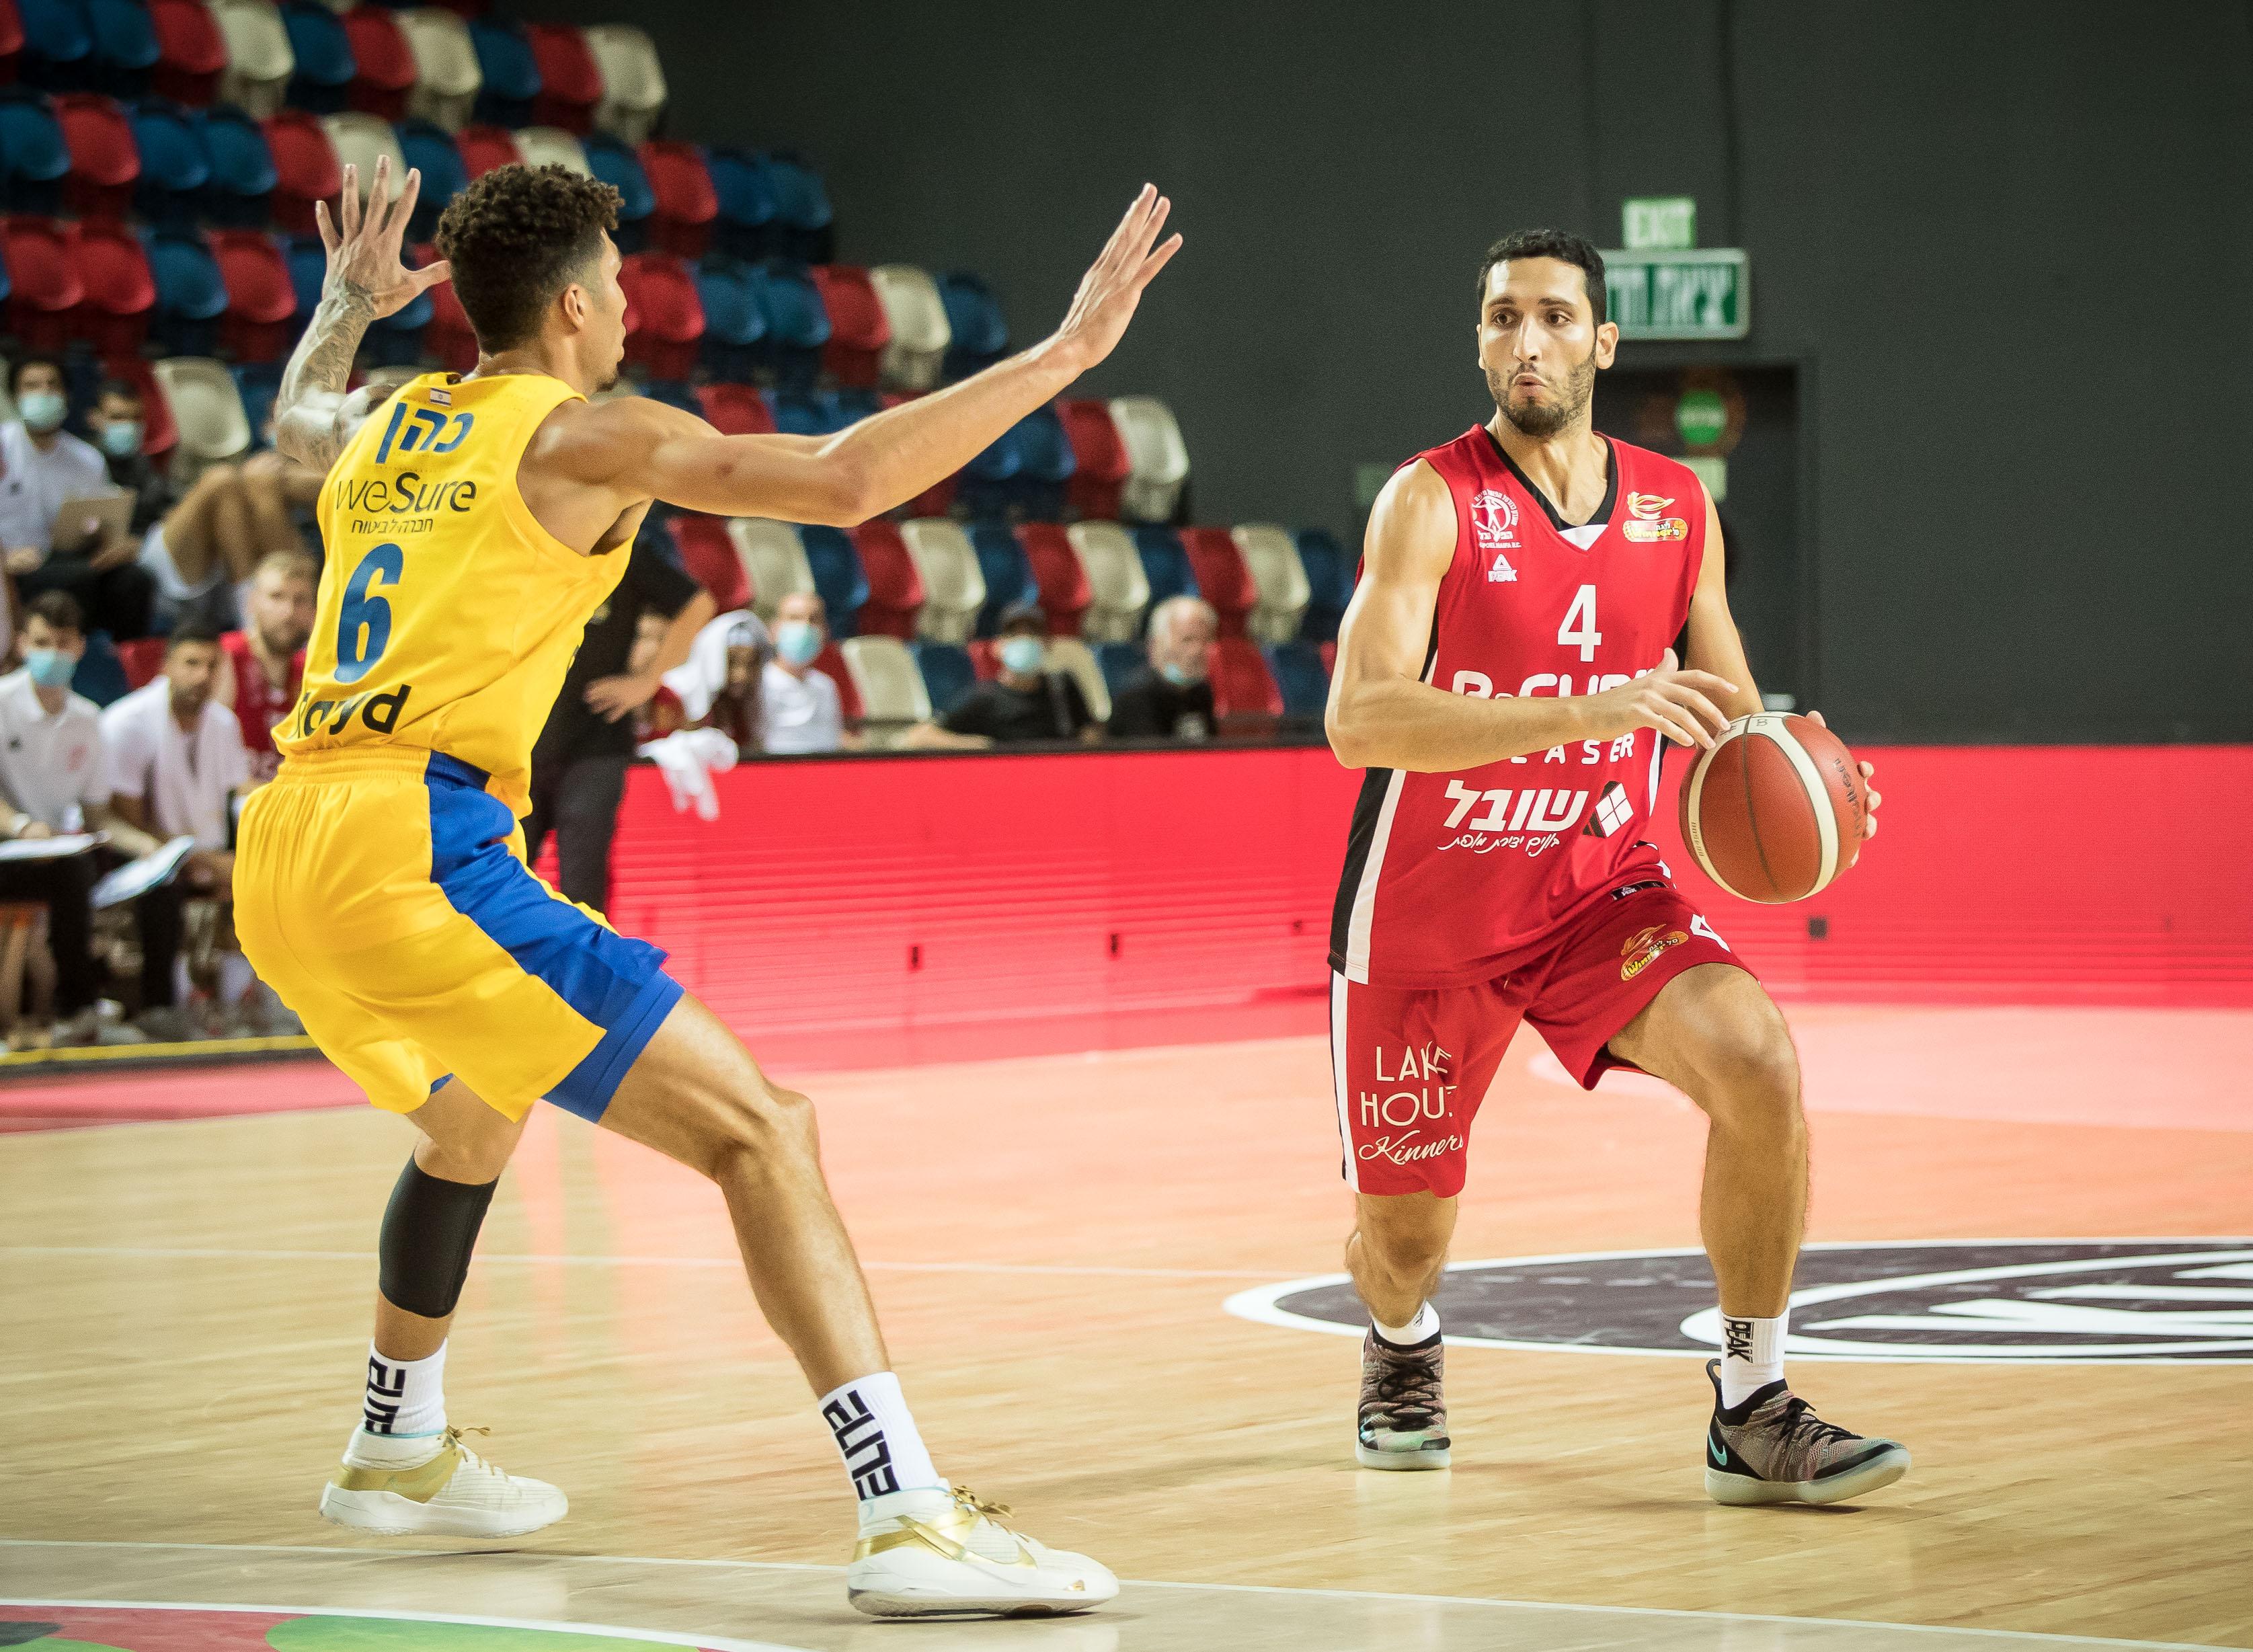 הערב: משחק חוץ בתל אביב נגד מכבי המקומית